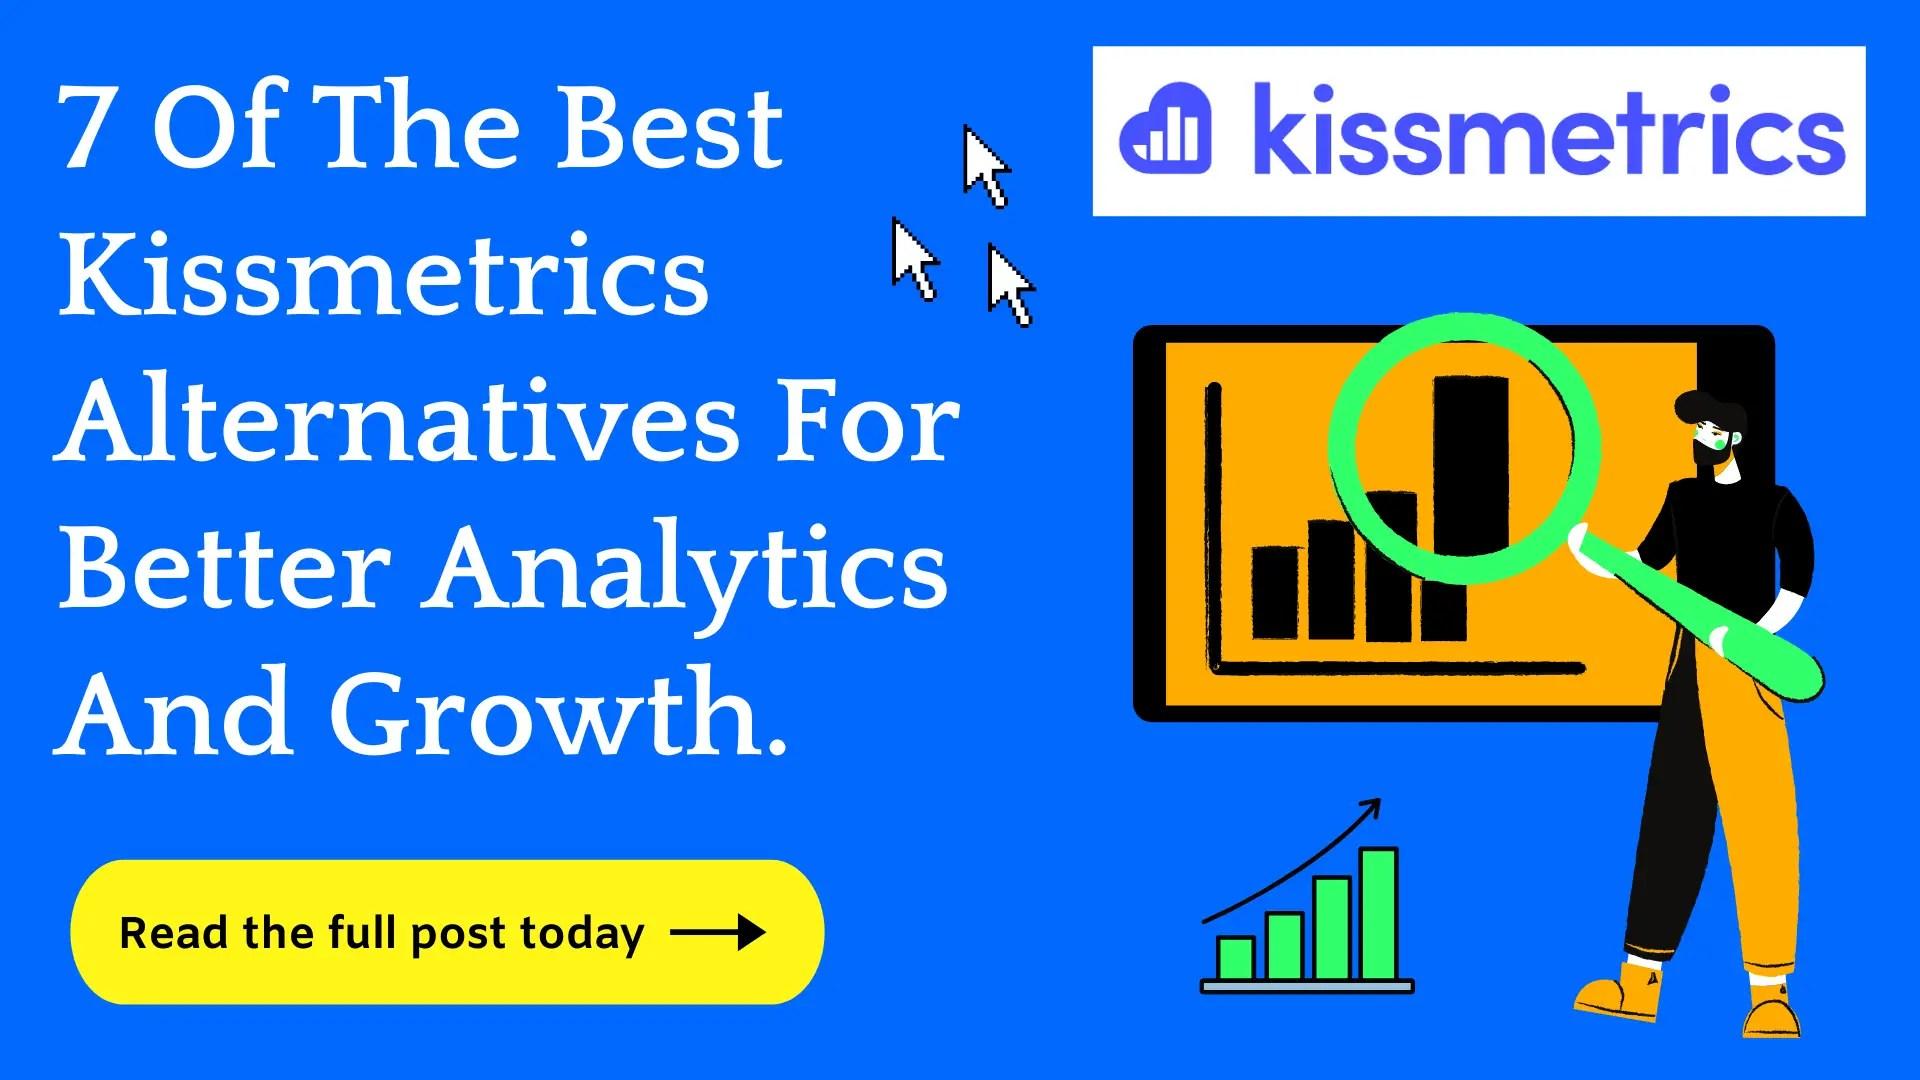 Best Kissmetrics Alternatives